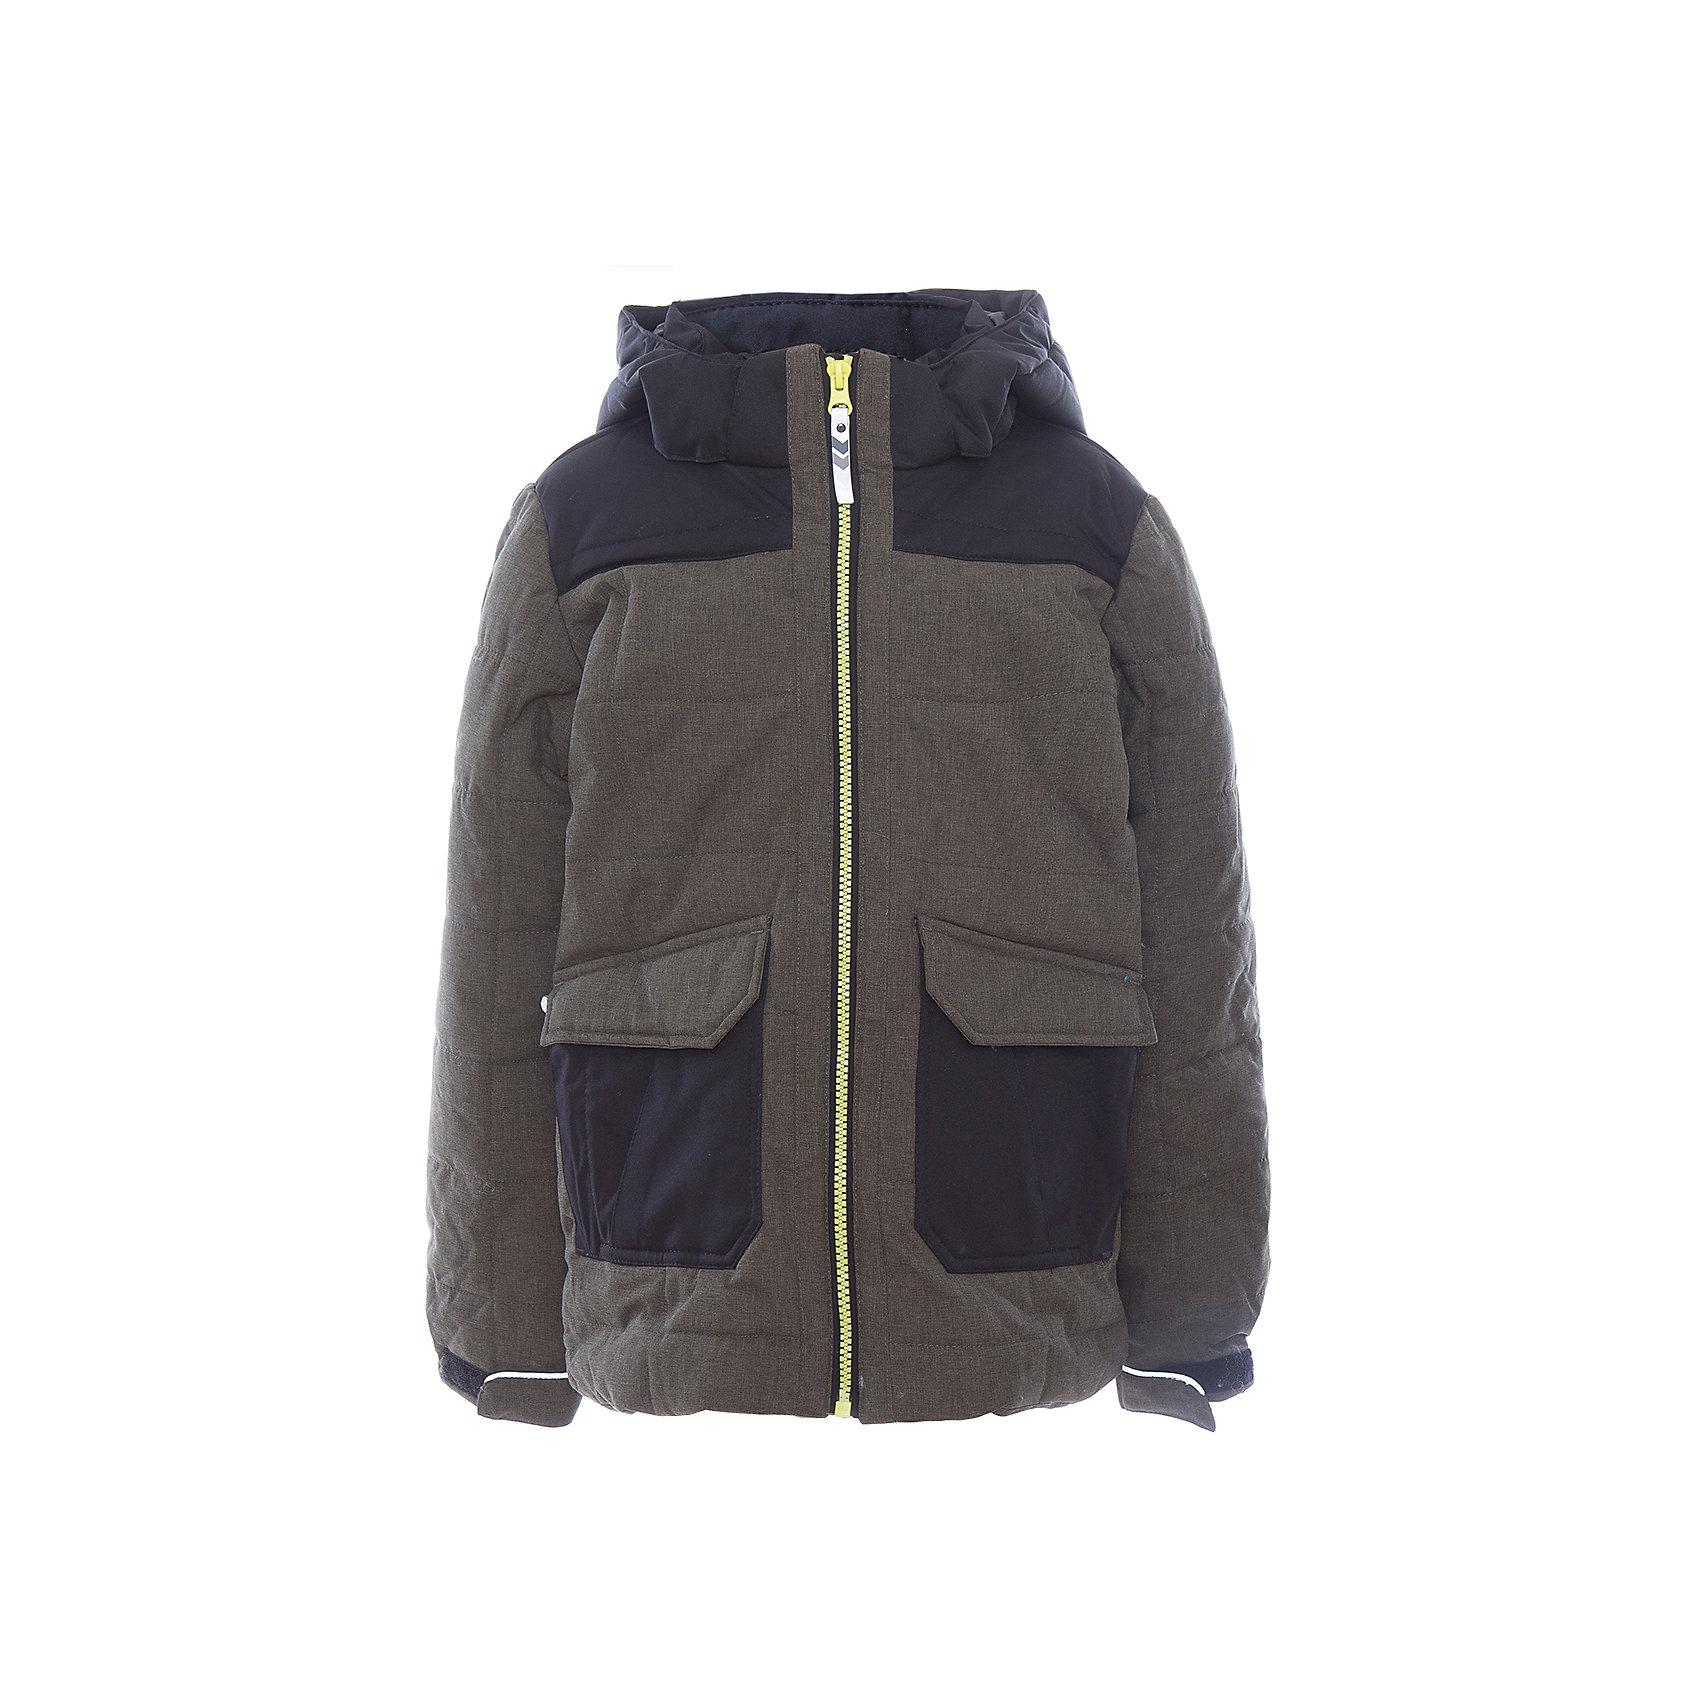 Куртка для мальчика ICEPEAKОдежда<br>Куртка для мальчика от известного бренда ICEPEAK.<br>Куртка с отстегивающимся капюшоном, материал куртки состоит из двух типов ткани: карманы и плечевая часть и капюшон -однотонная ткань, остальная часть куртки -ткань меланж, сформированный локоть, утяжка в нижней части куртки, регулируемый манжет на липучке, карман в левой части куртки на молнии, утепленные и мягкие боковые карманы на молнии, мягкий и теплый внутренний воротник, светоотражающие элементы, искусственный утеплитель Finnwad, утепление 220/220 гр., рекомендуемый температурный режим до -30 град.,Icetech 3 000/3000, 2-layer, Children's safety, Reflectors<br>Состав:<br>100% полиэстер<br><br>Ширина мм: 356<br>Глубина мм: 10<br>Высота мм: 245<br>Вес г: 519<br>Цвет: зеленый<br>Возраст от месяцев: 180<br>Возраст до месяцев: 192<br>Пол: Мужской<br>Возраст: Детский<br>Размер: 176,128,140,164<br>SKU: 5413926